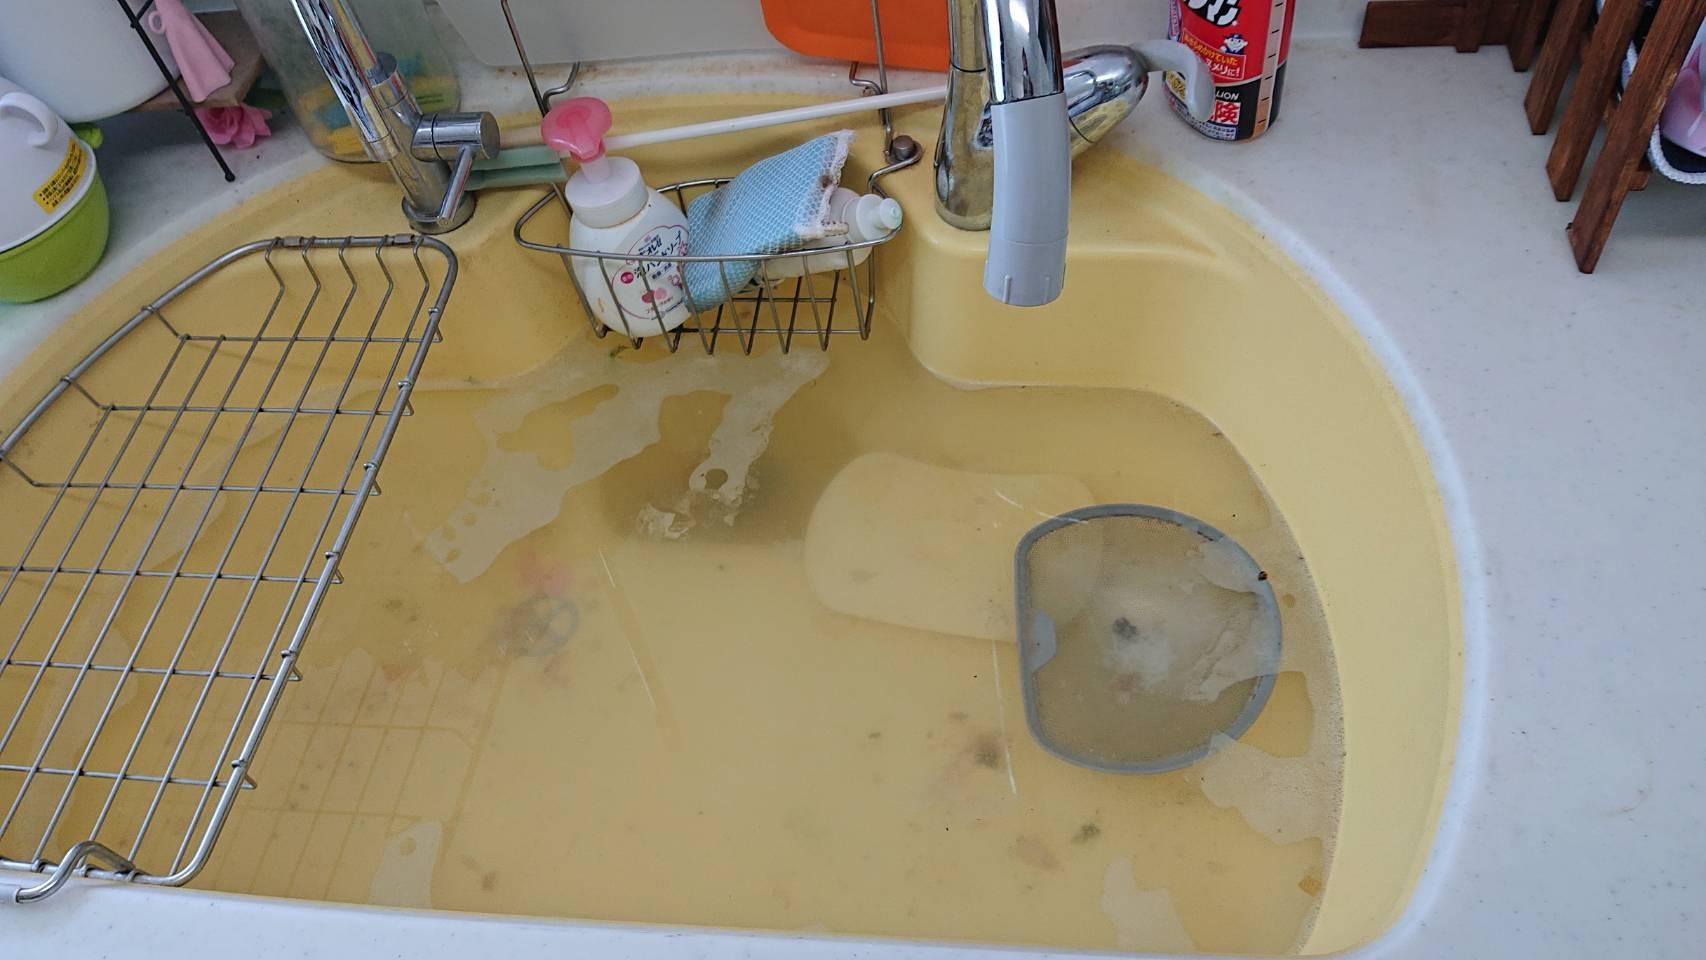 キッチンシンクに水が溜まっている